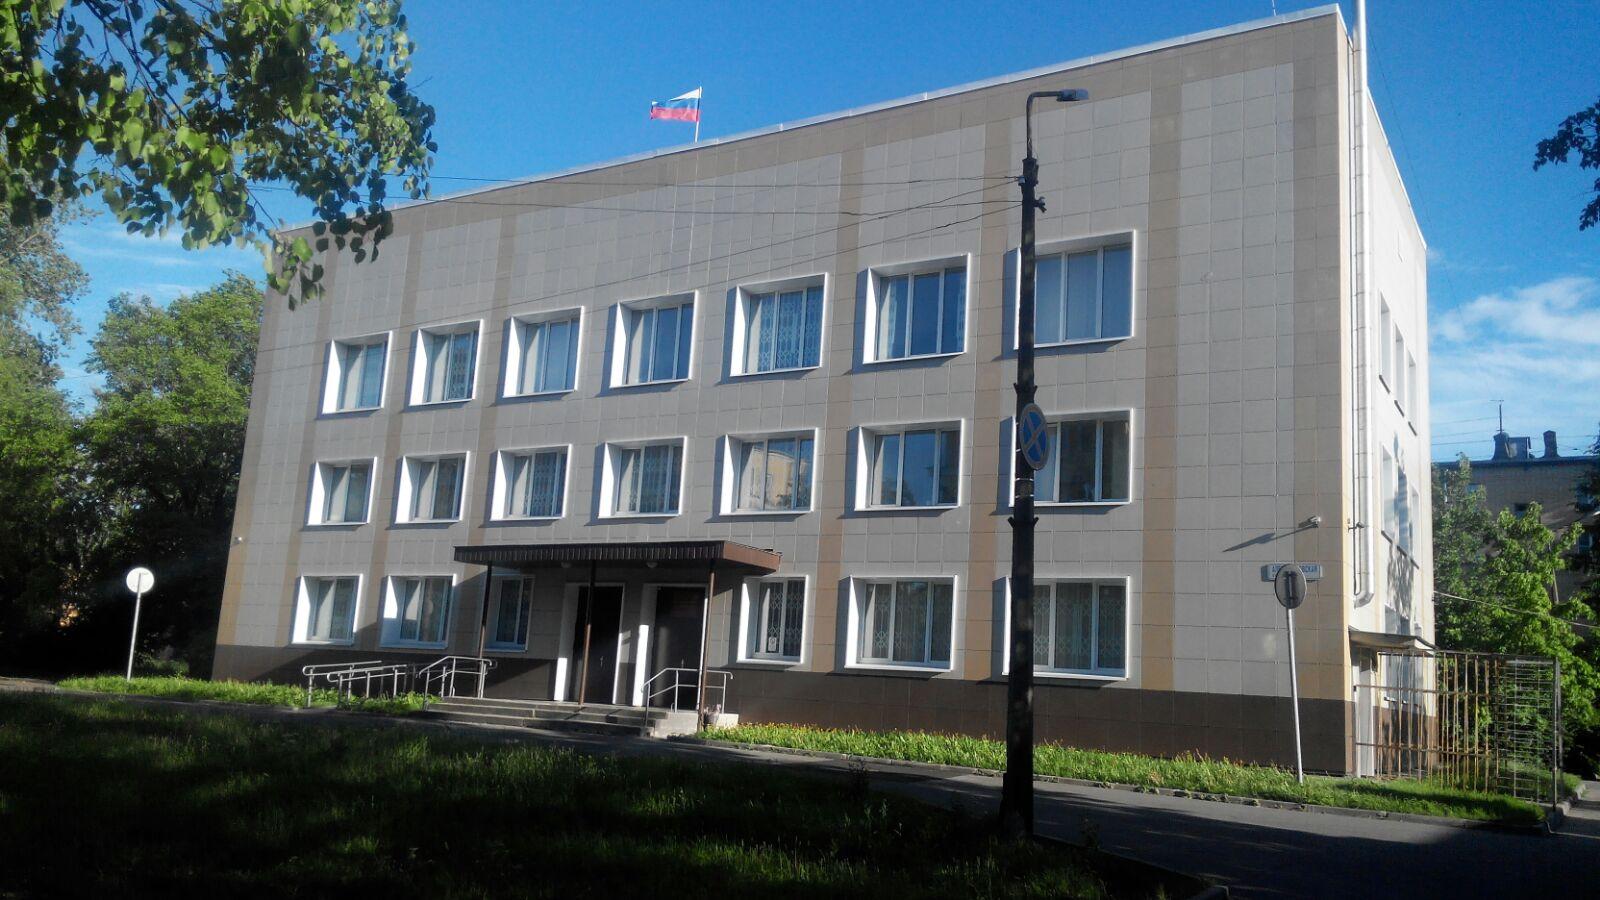 Ломоносовский районный суд: телефон, реквизиты госпошлины, как проехать